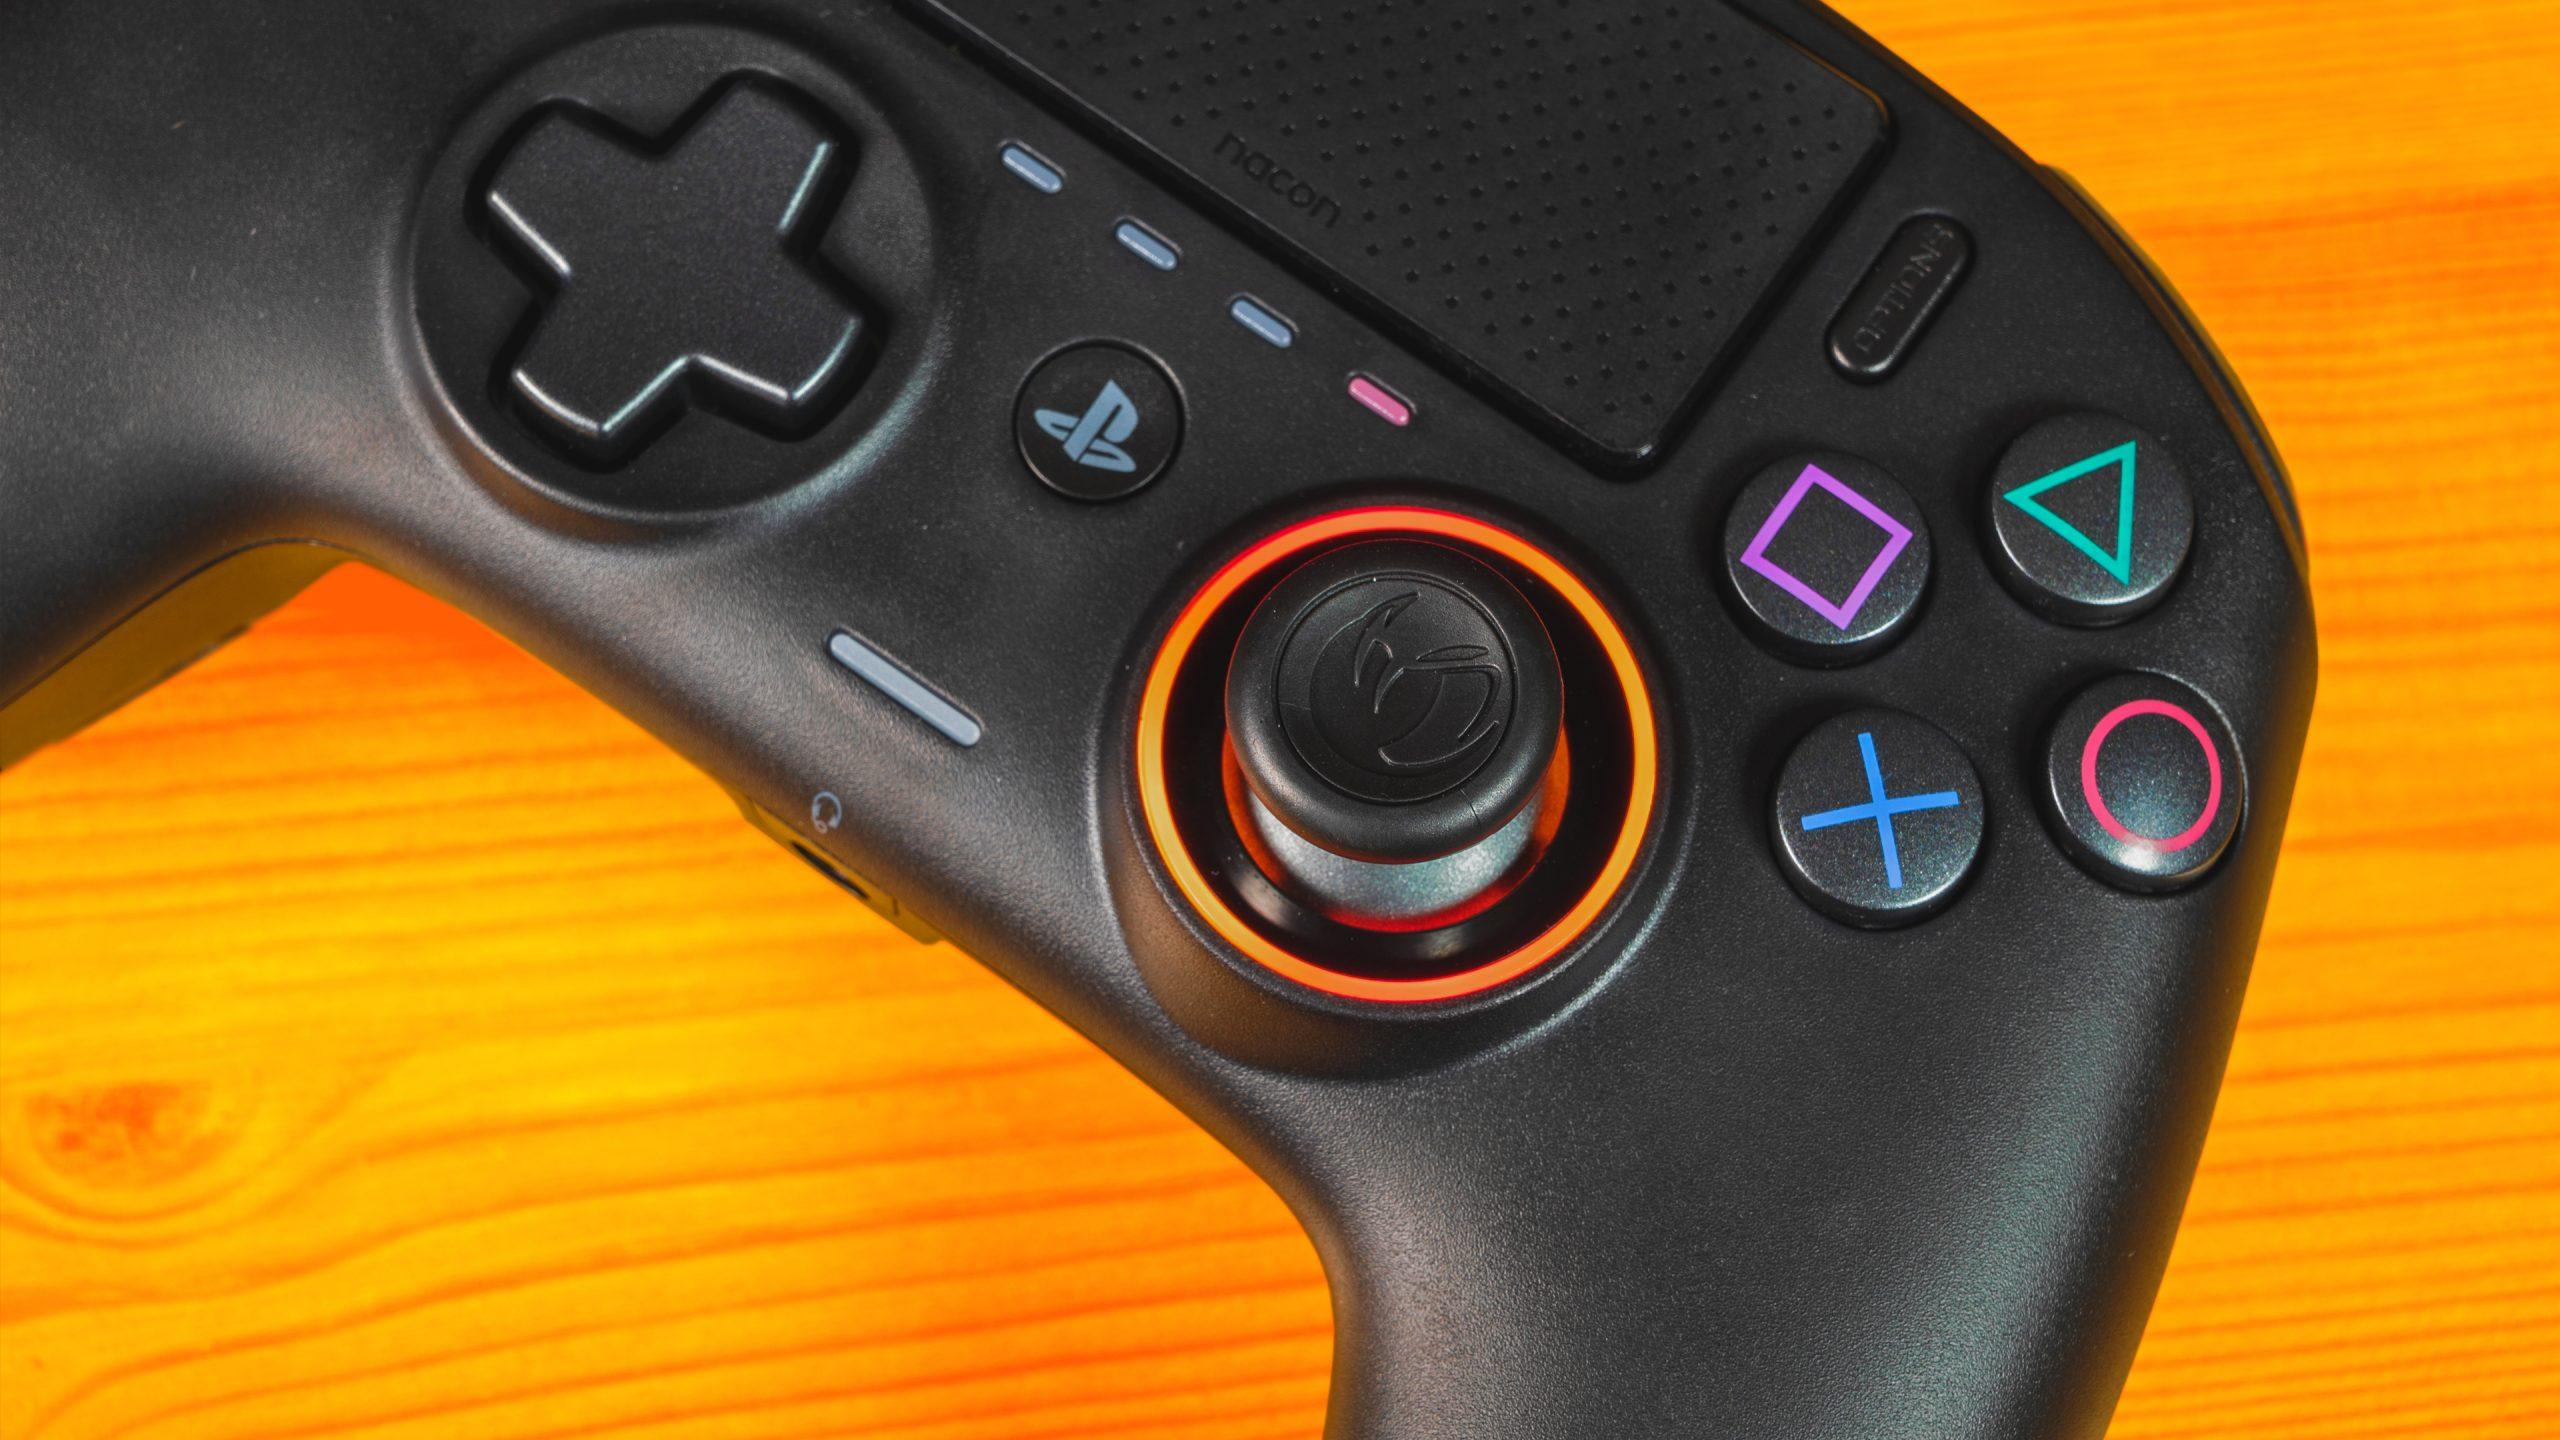 Bovenaanzicht van de Nacon Revolution Pro Controller 3 op een houten oppervlak.